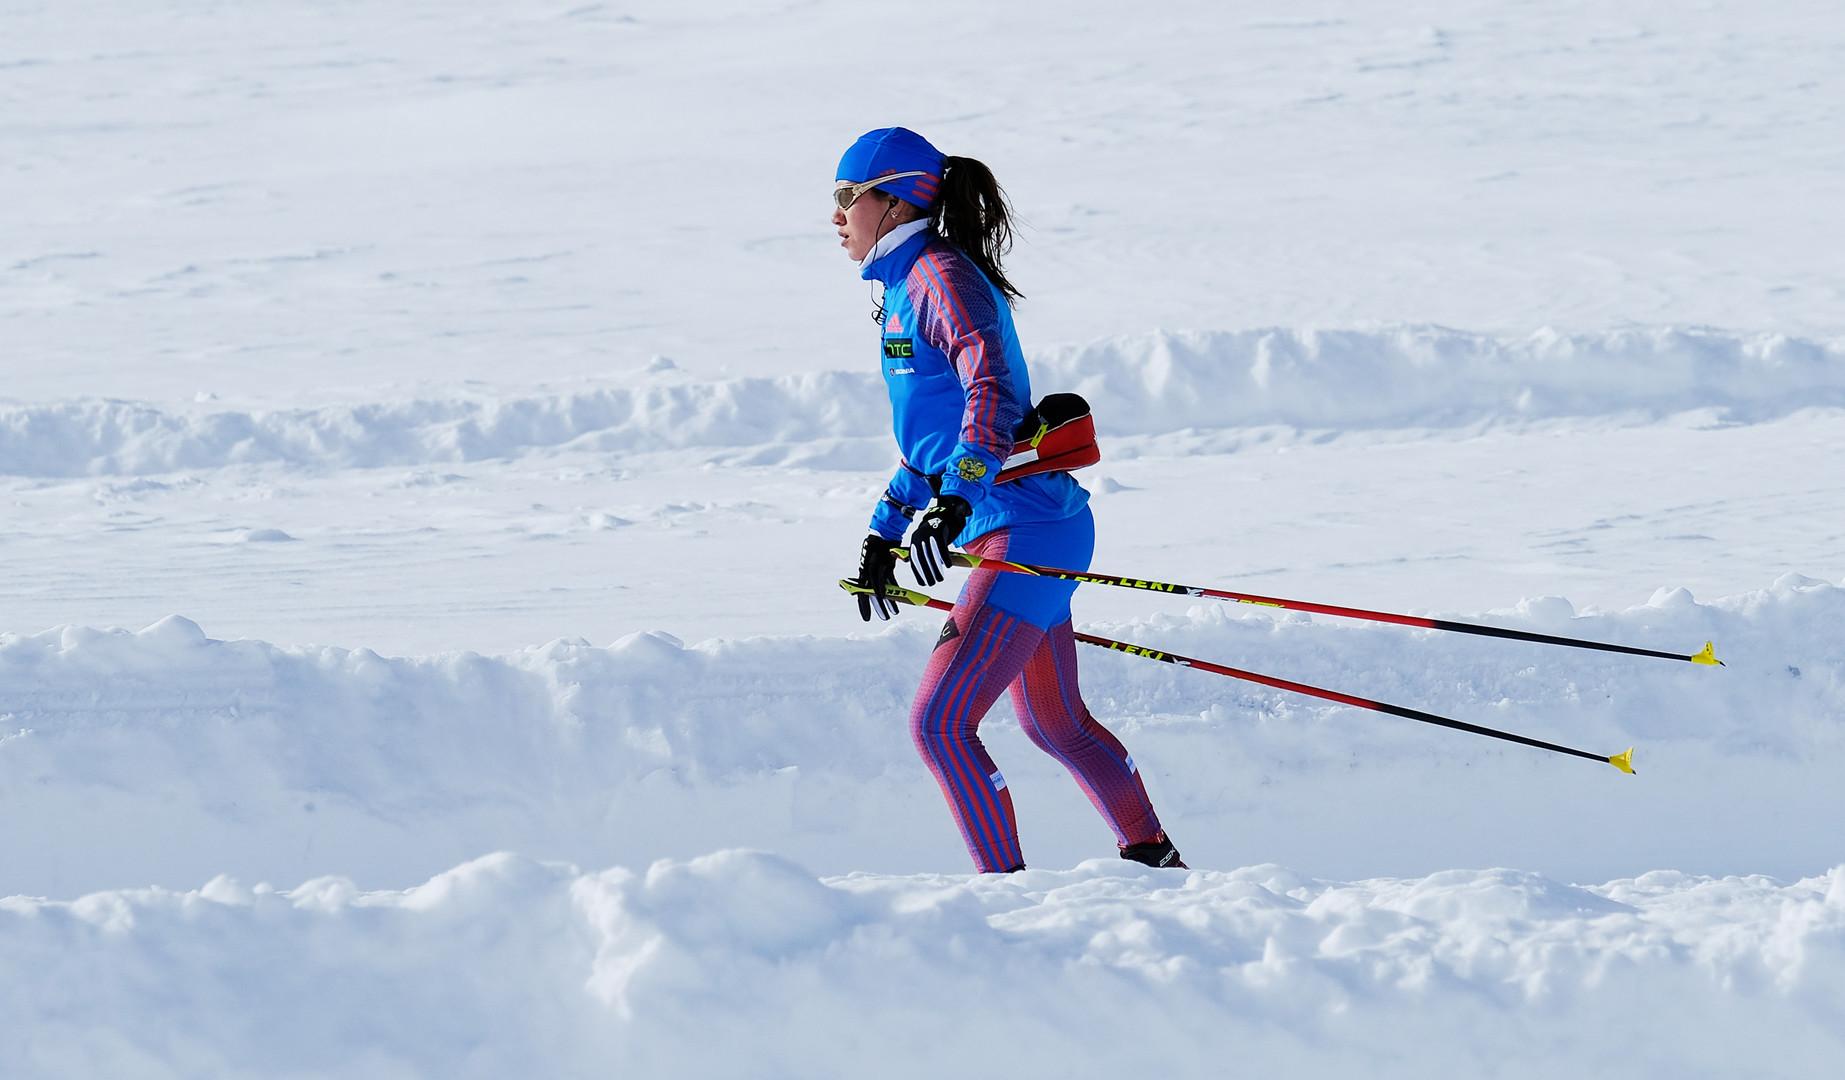 Не оправдавшие надежд: россиянки неудачно выступили в гонке преследования на этапе КМ